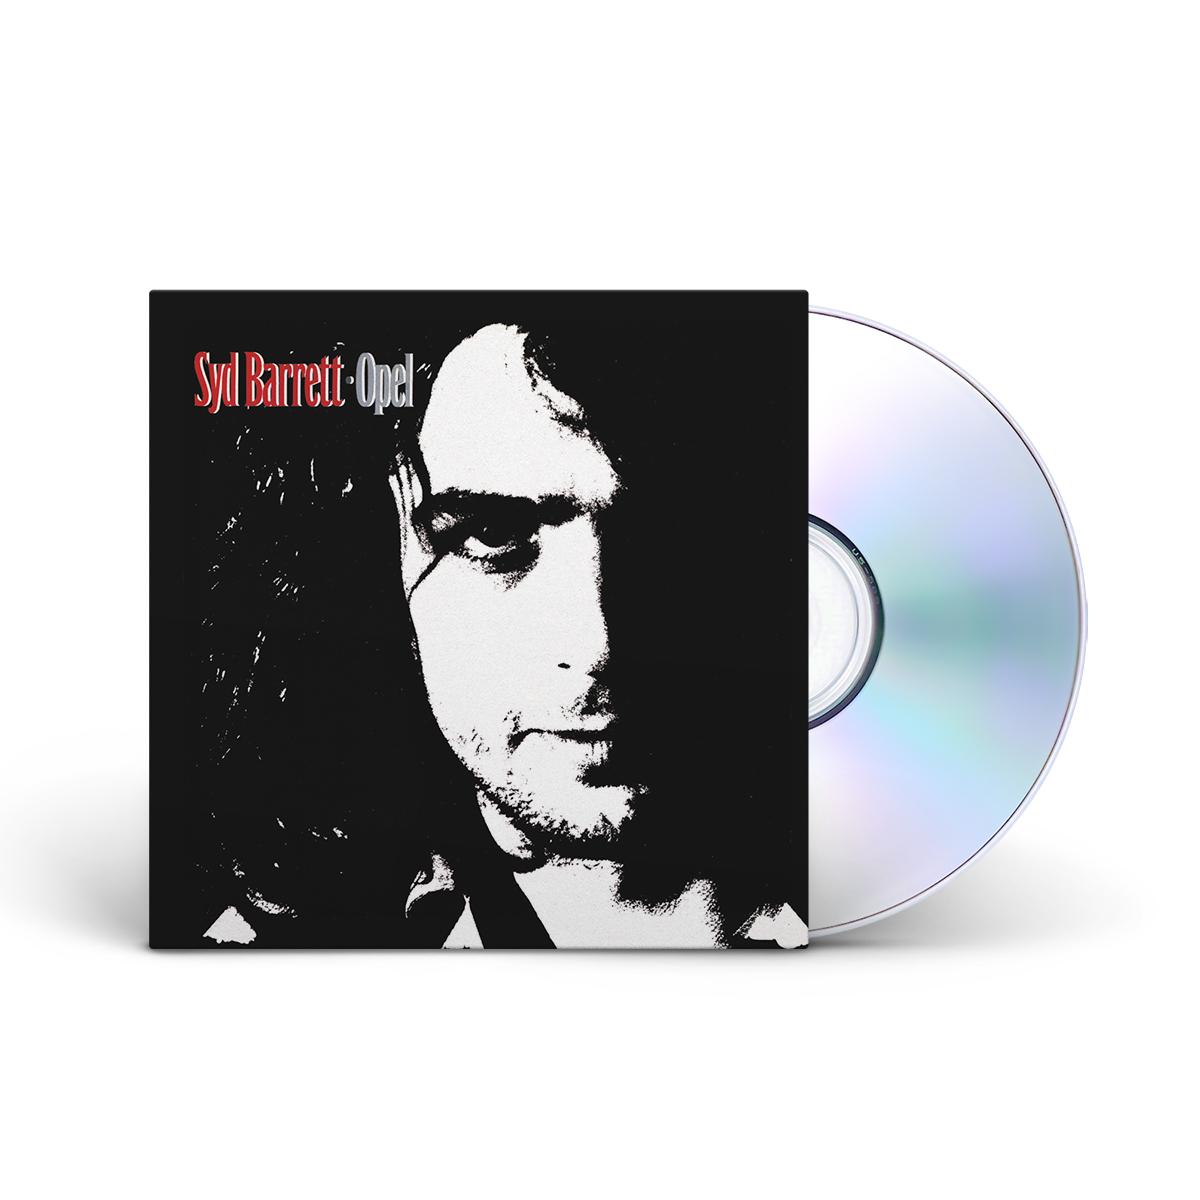 Syd Barrett Opel CD